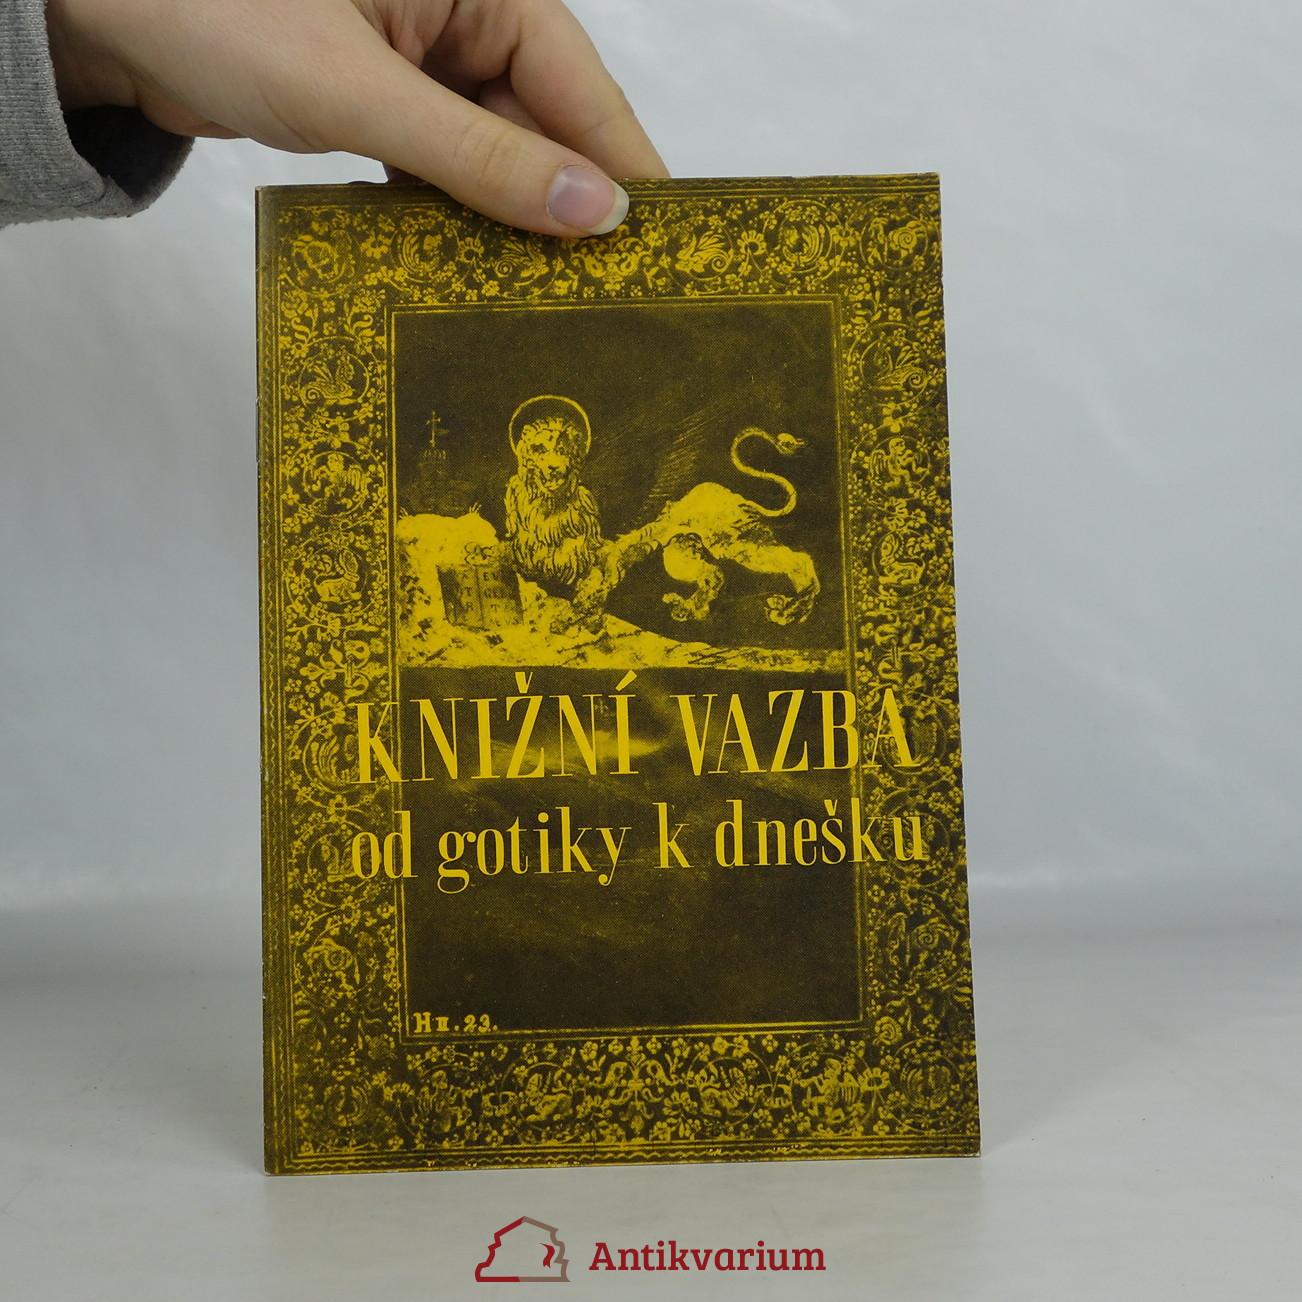 antikvární kniha Knižní vazba od gotiky k dnešku , 1972